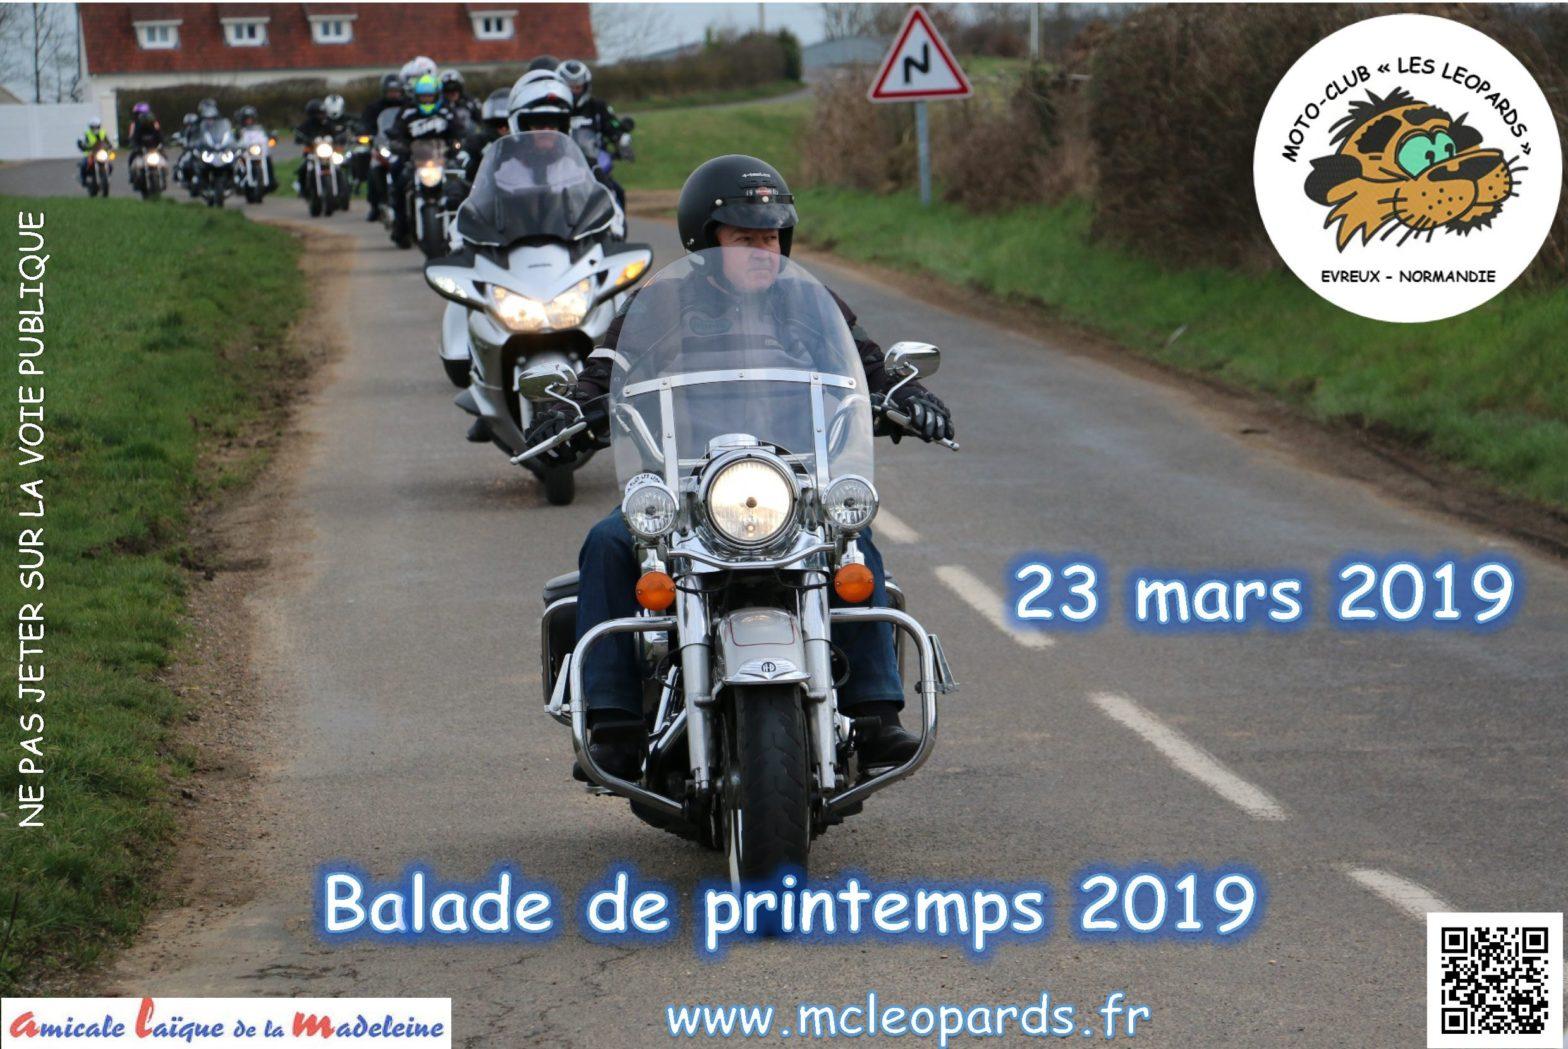 20190310-flyer_balade_de_printemps.jpg